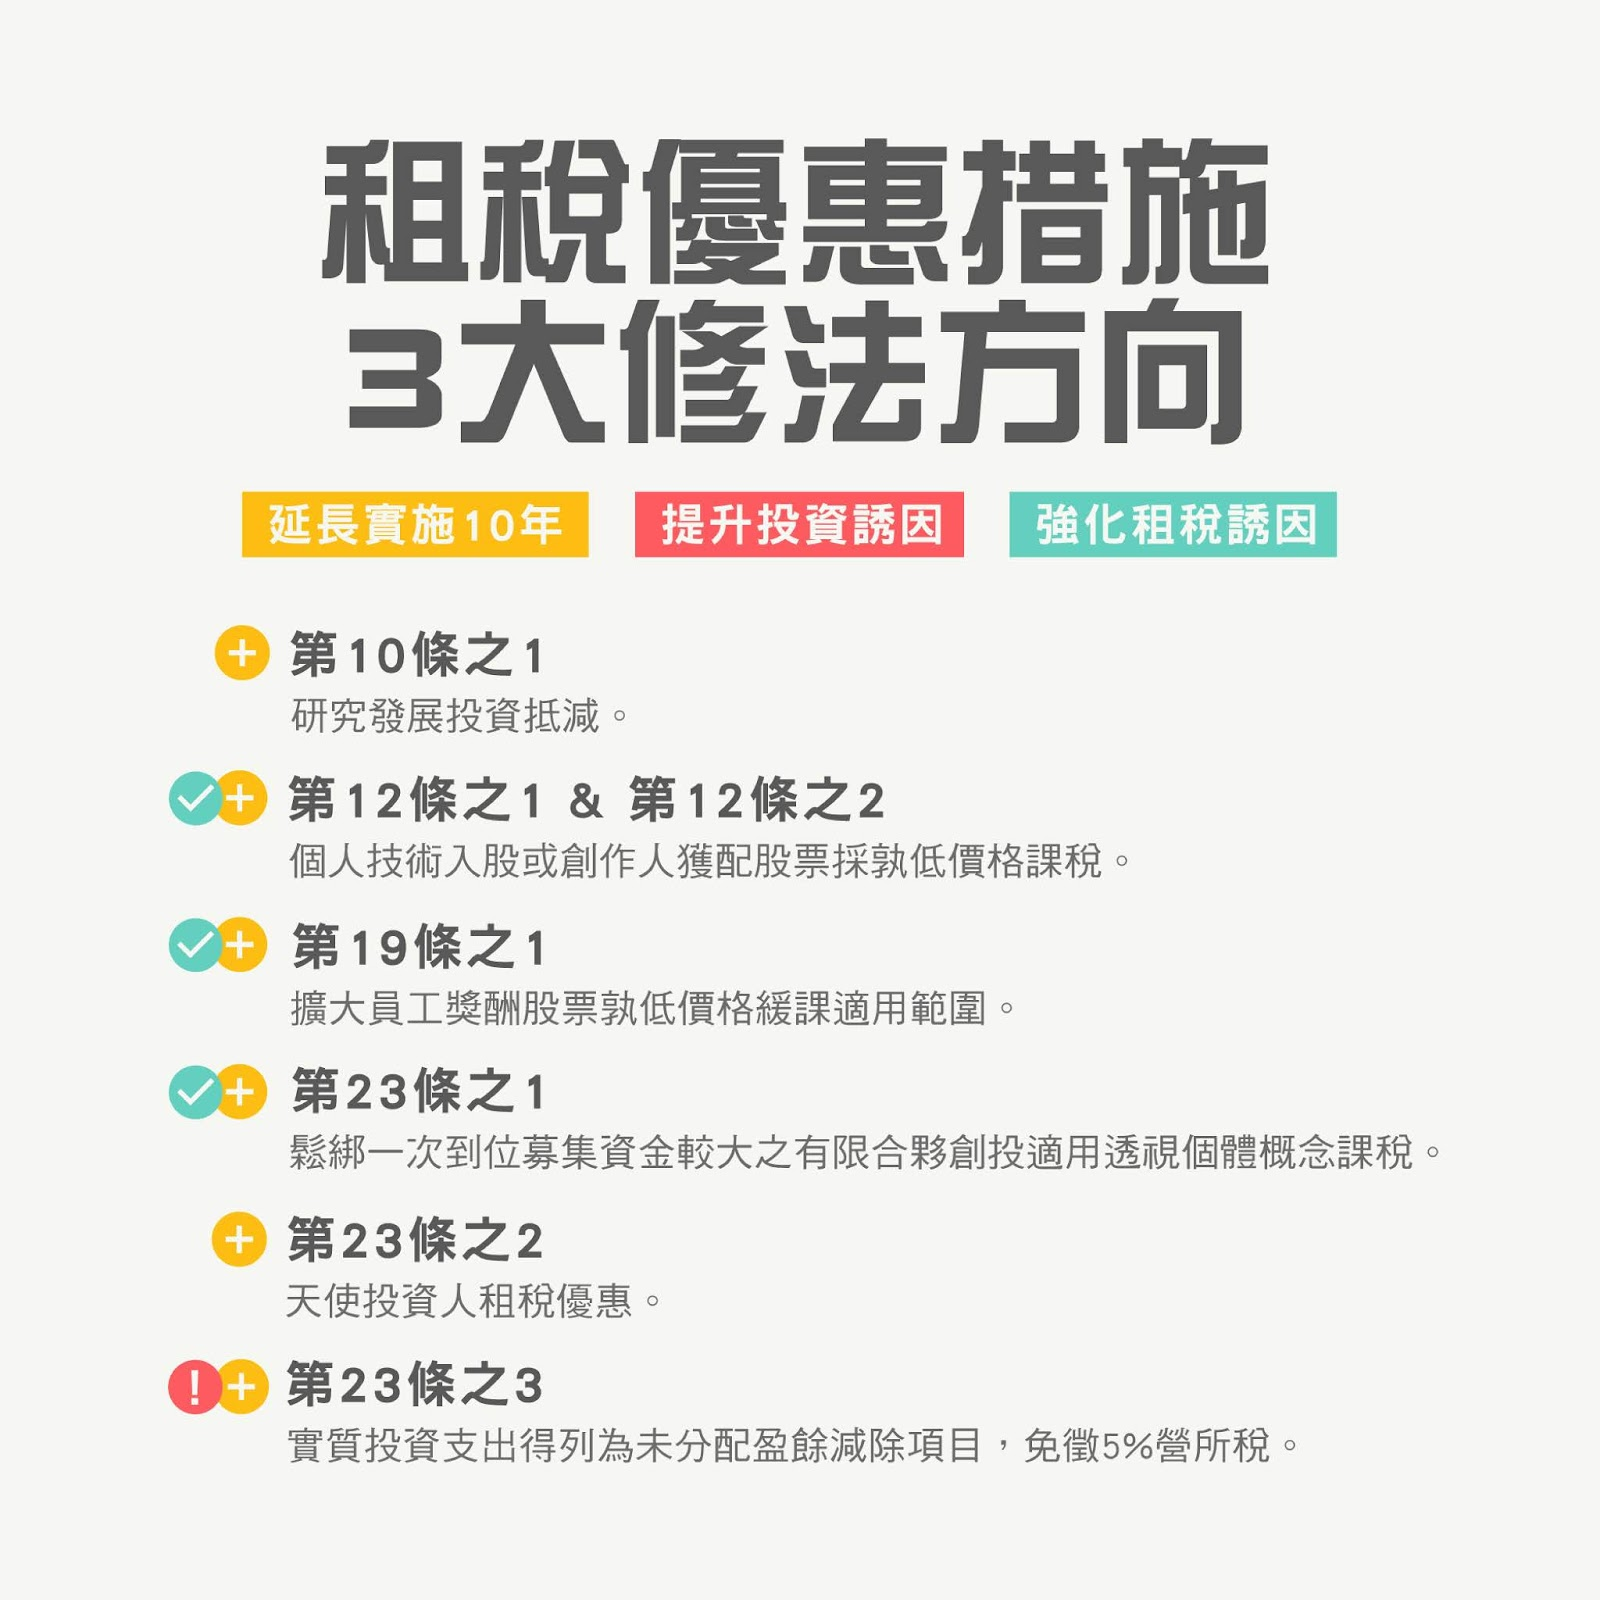 產創條例修什麼? 加速投資●創新台灣